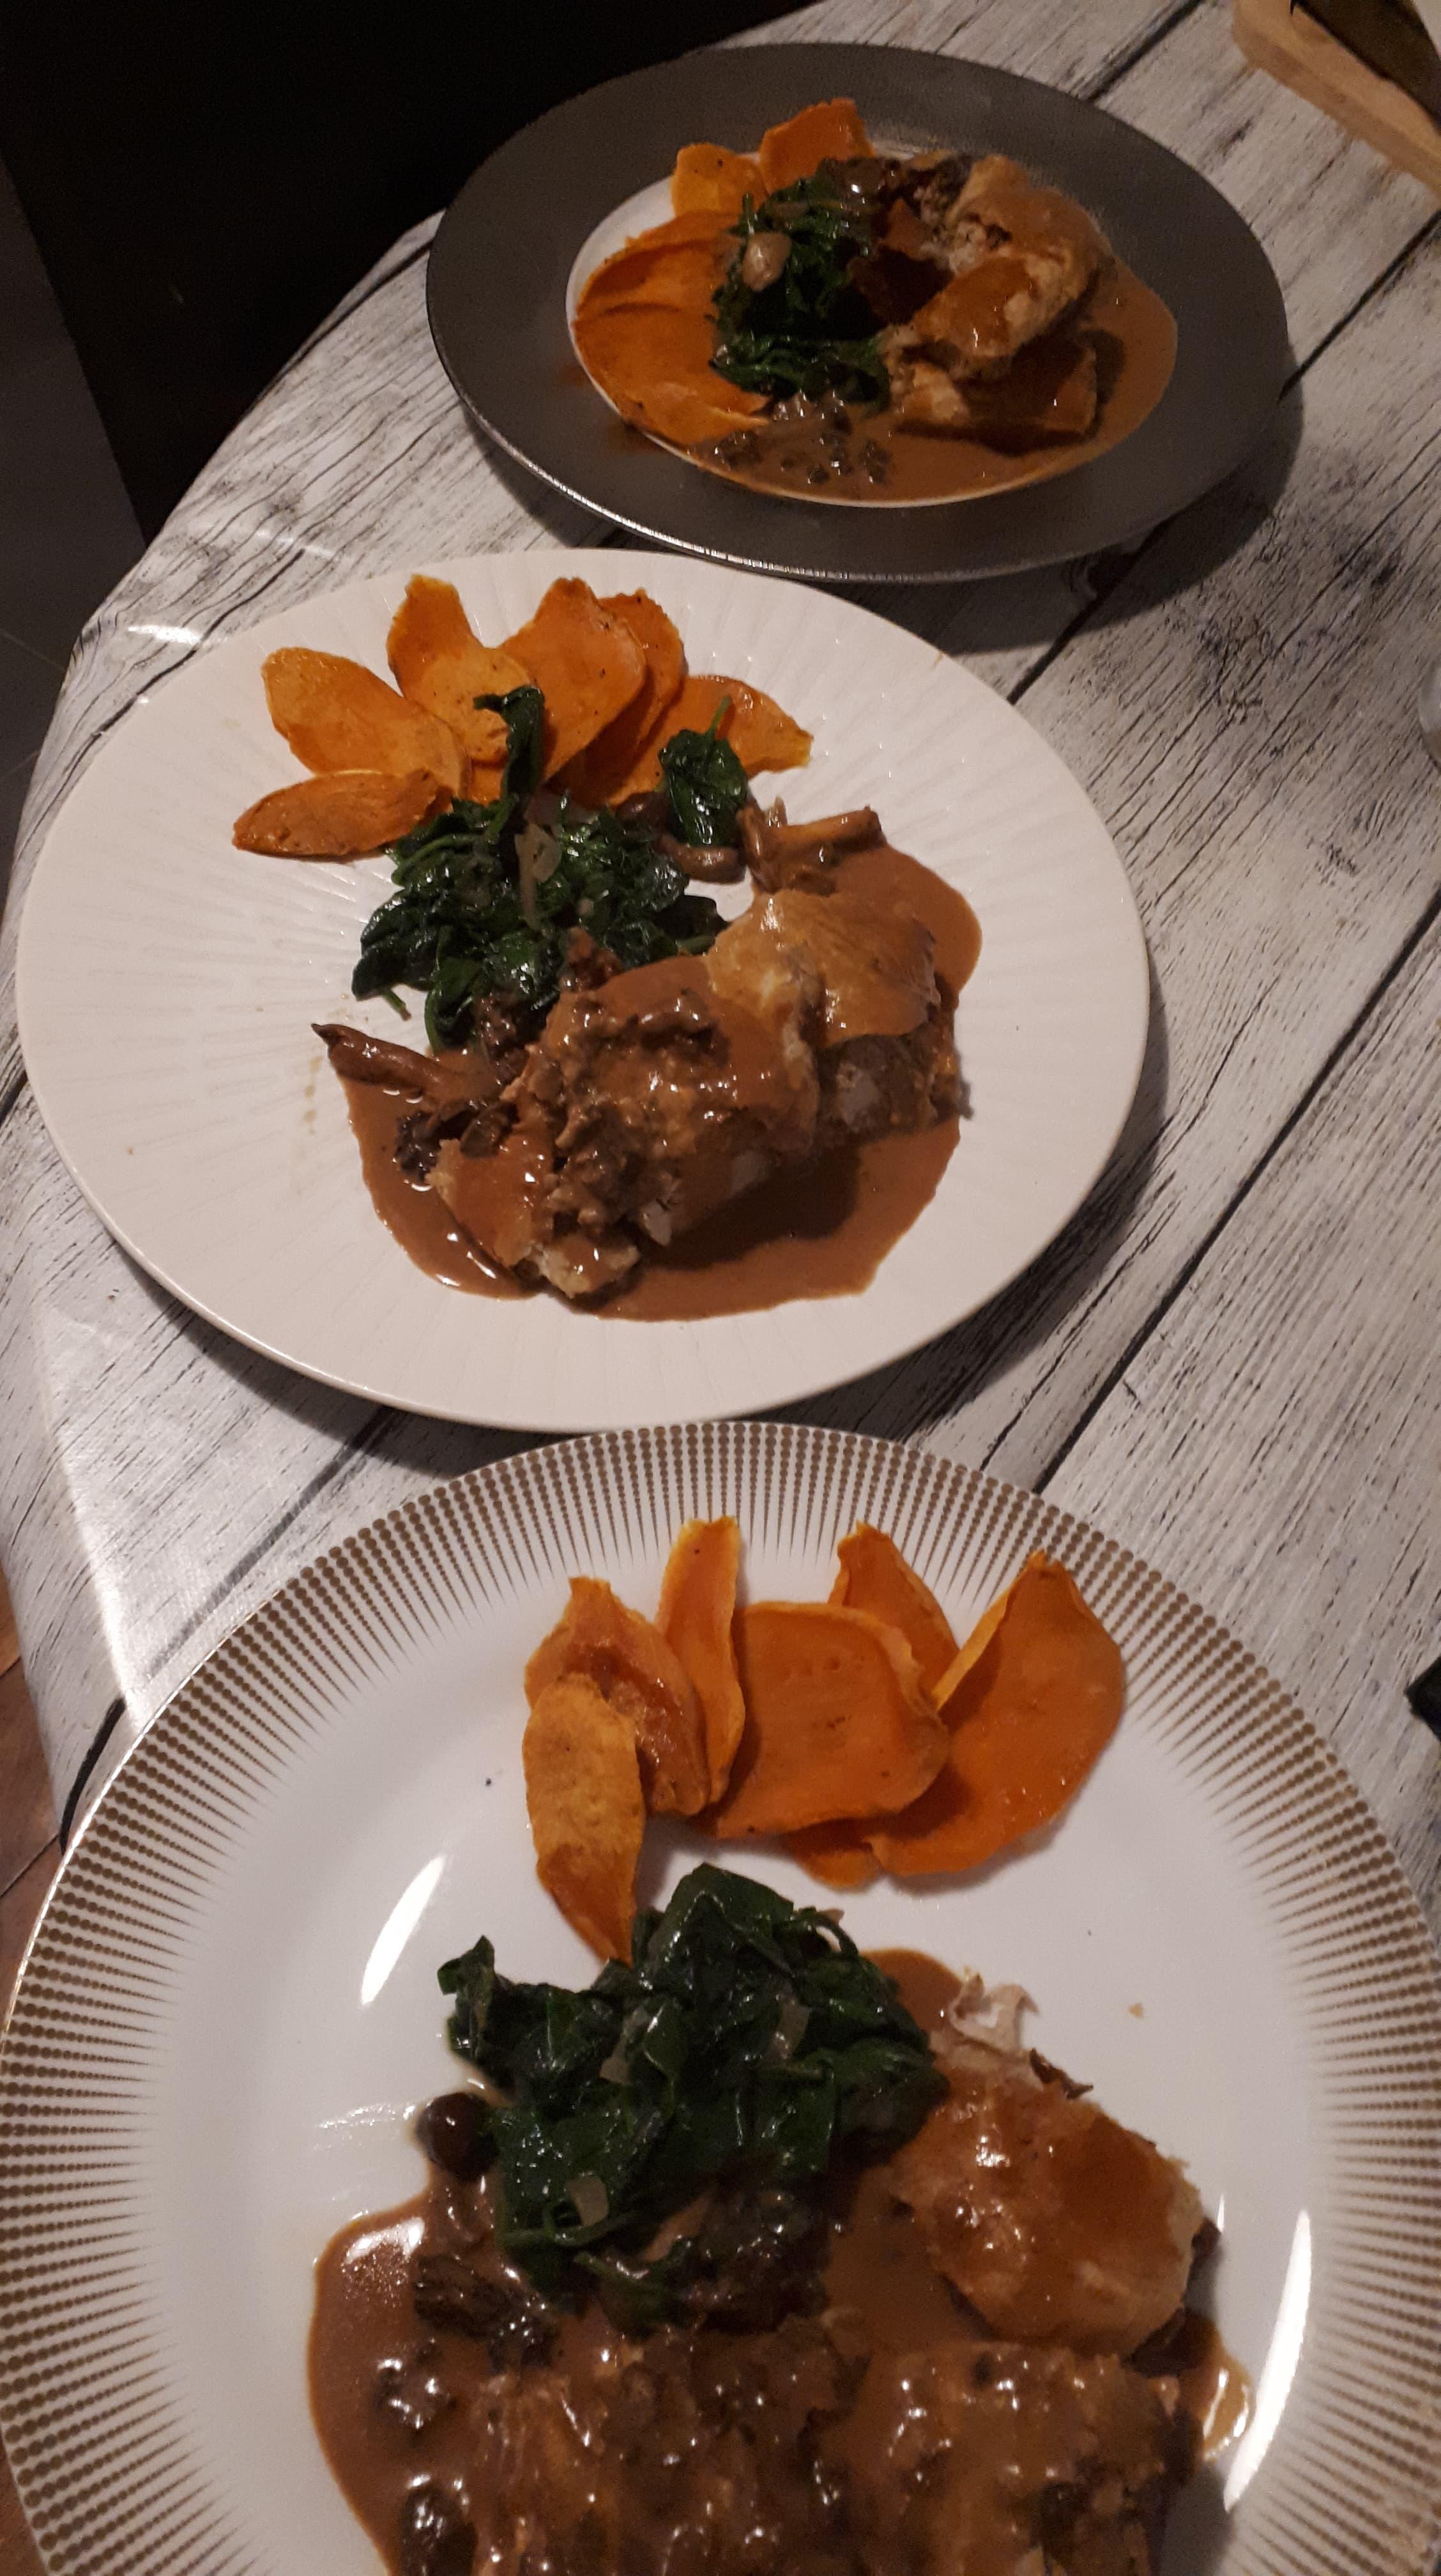 Filet mignon de veau en croûte farci aux champignons,garniture de légumes, sauce morilles.